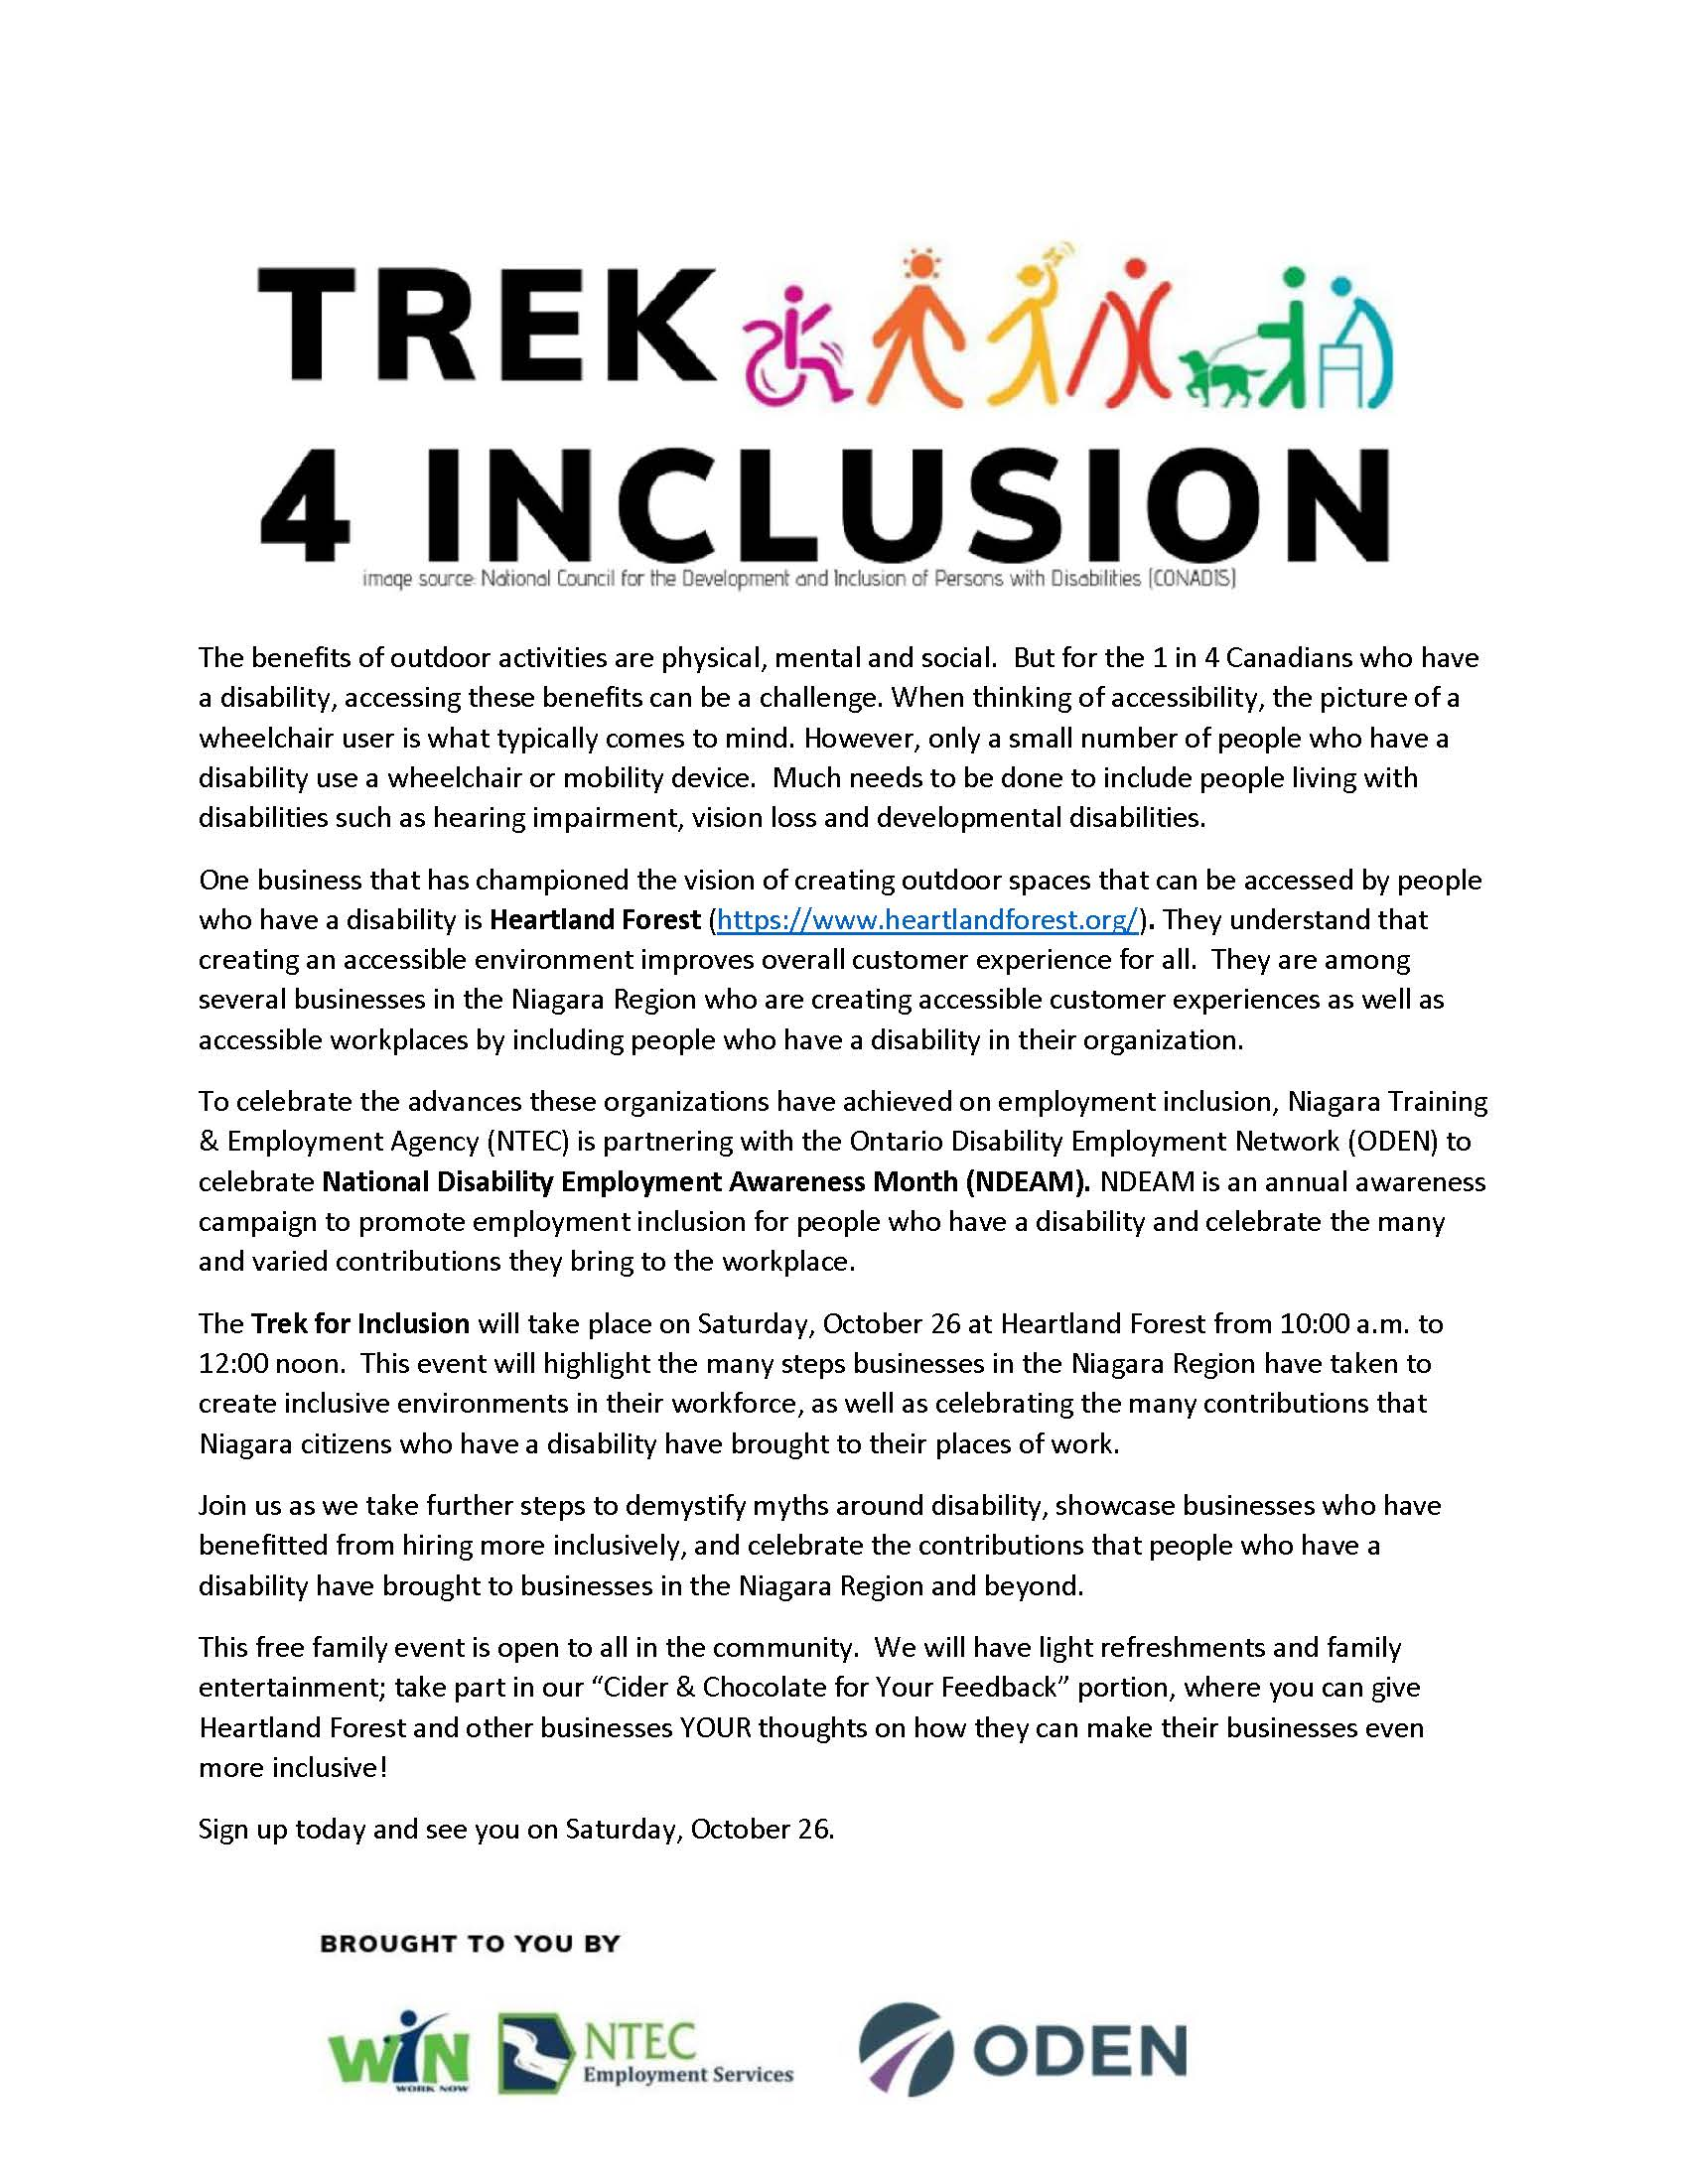 Trek 4 Inclusion